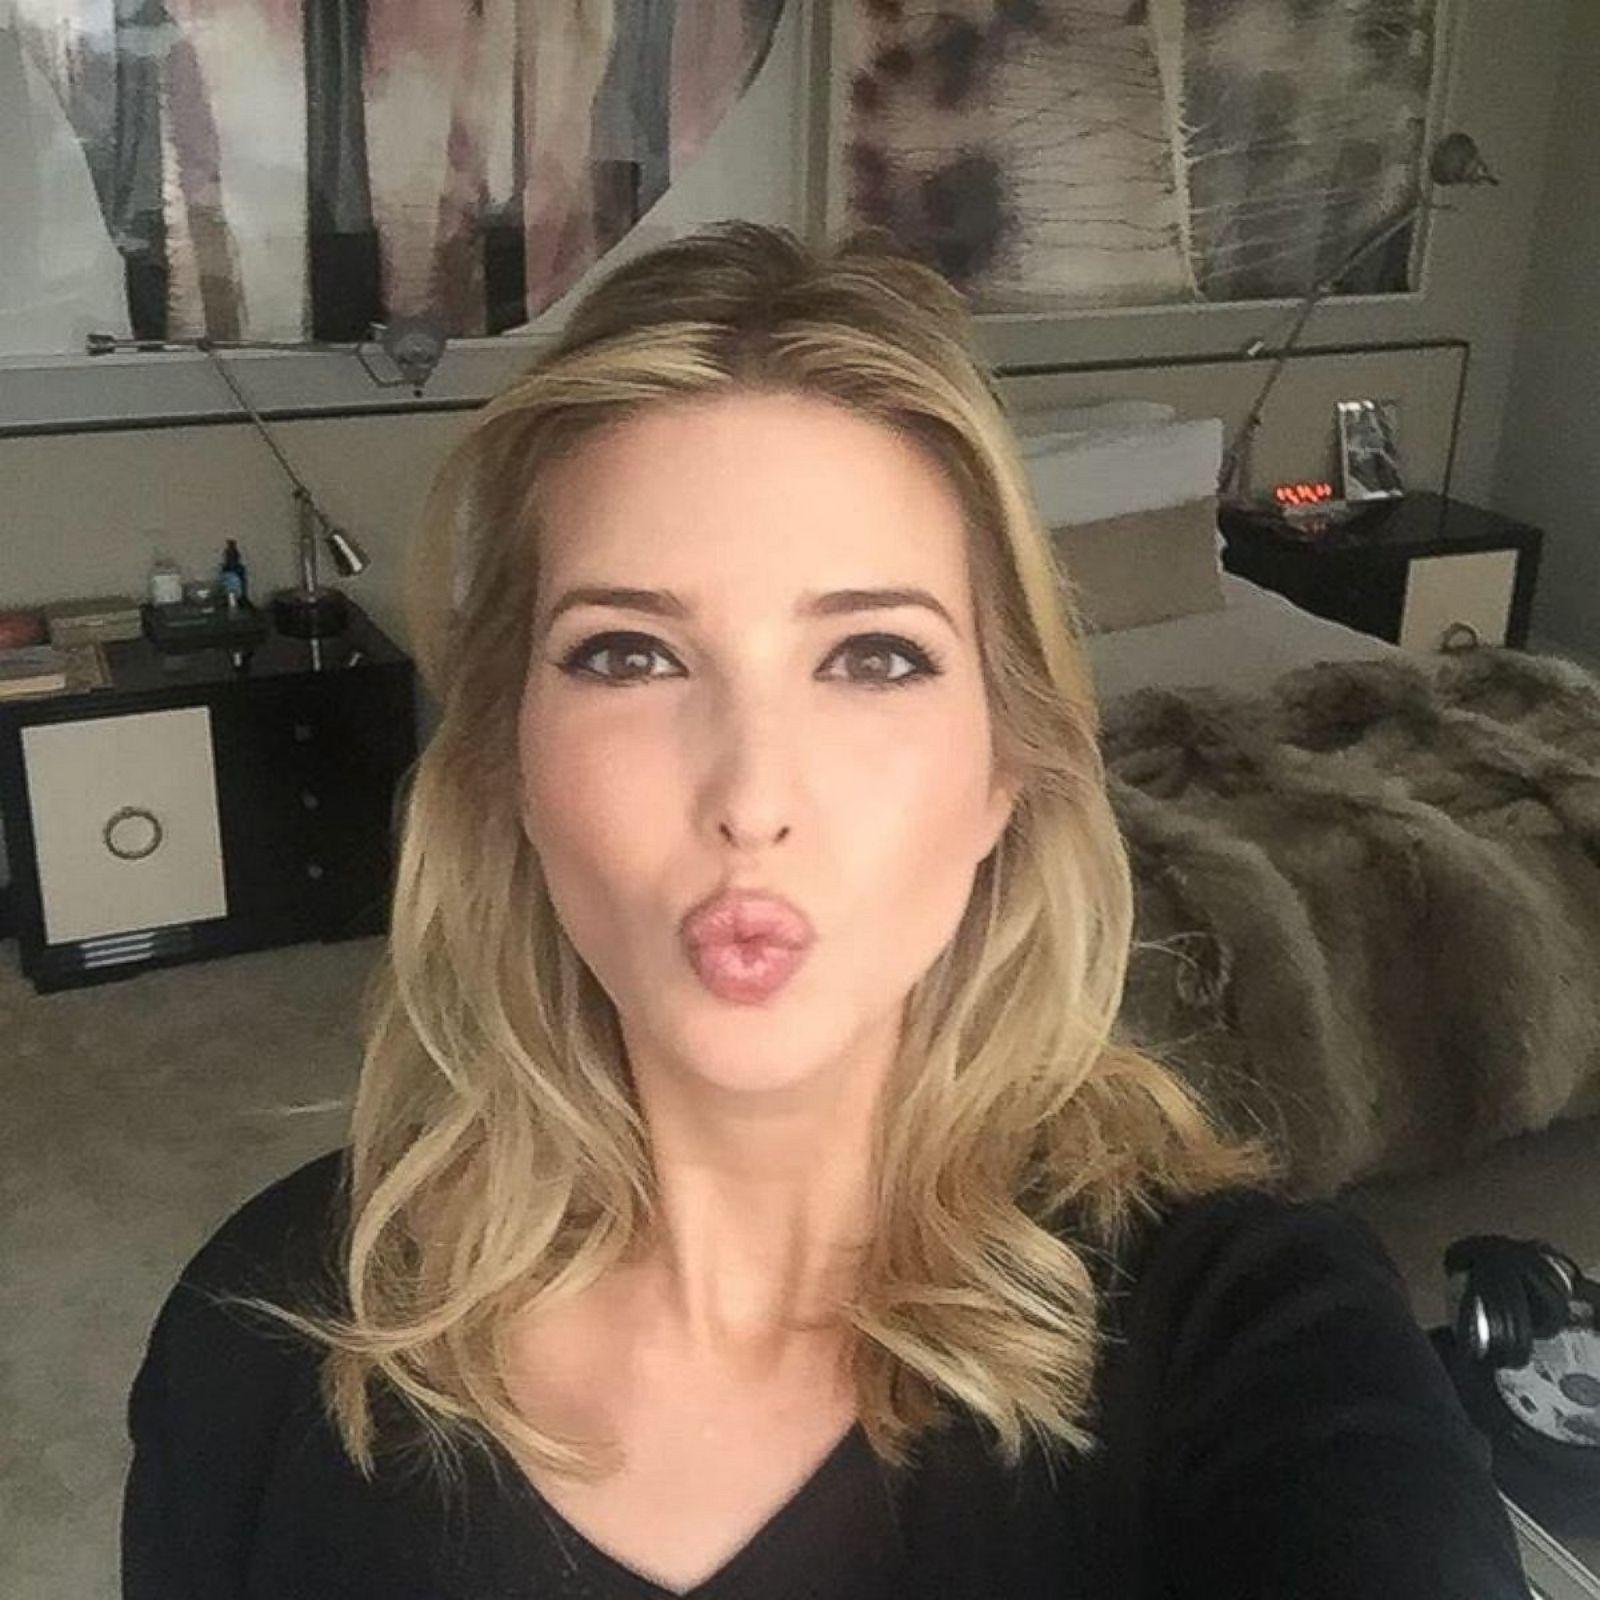 Cum in daughter